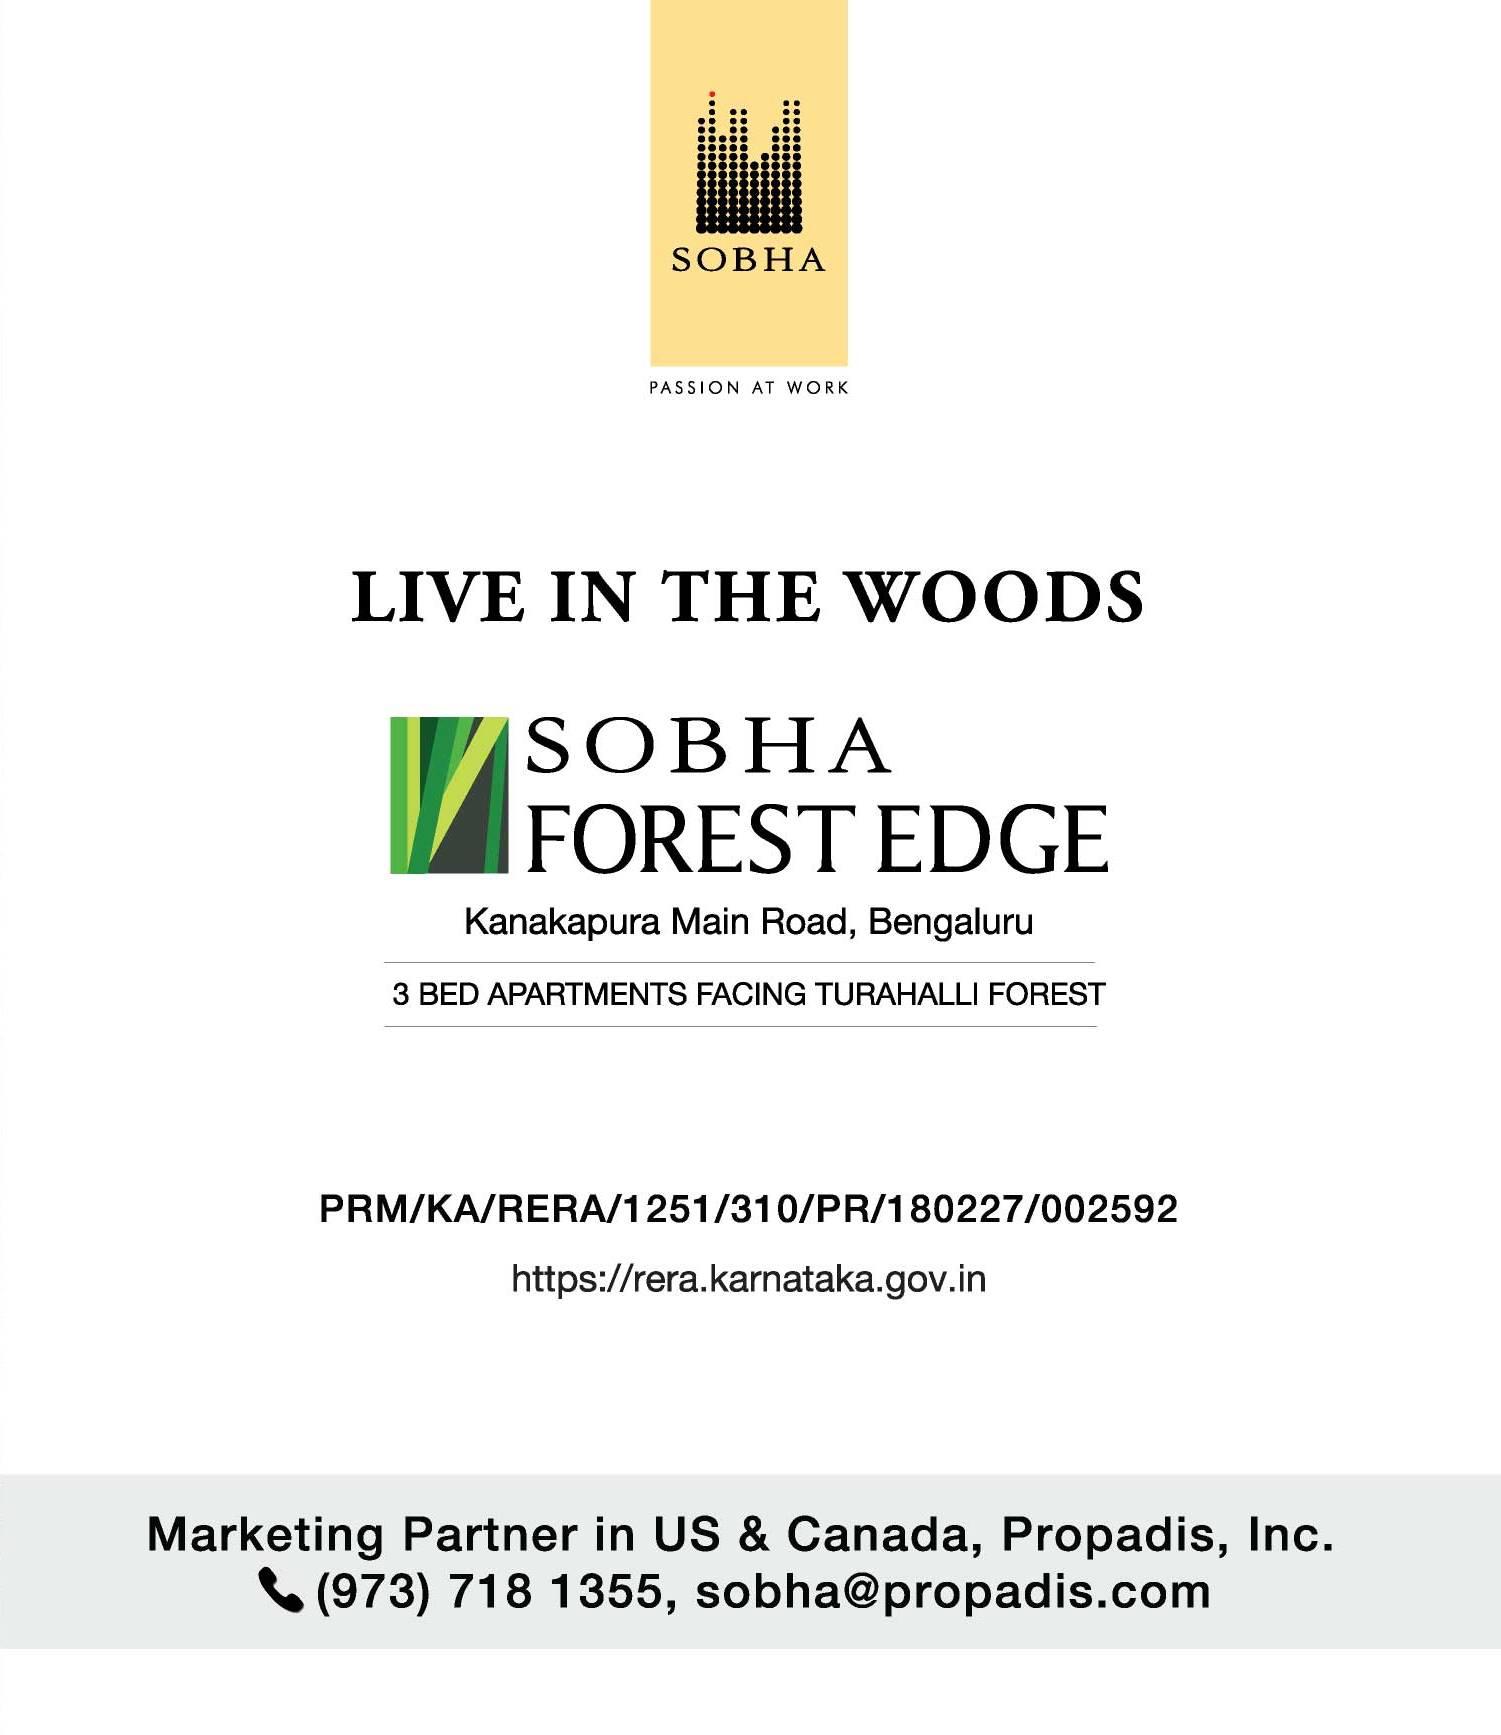 SOBHA FOREST EDGE Kanakapura Main Rd, Bengaluru